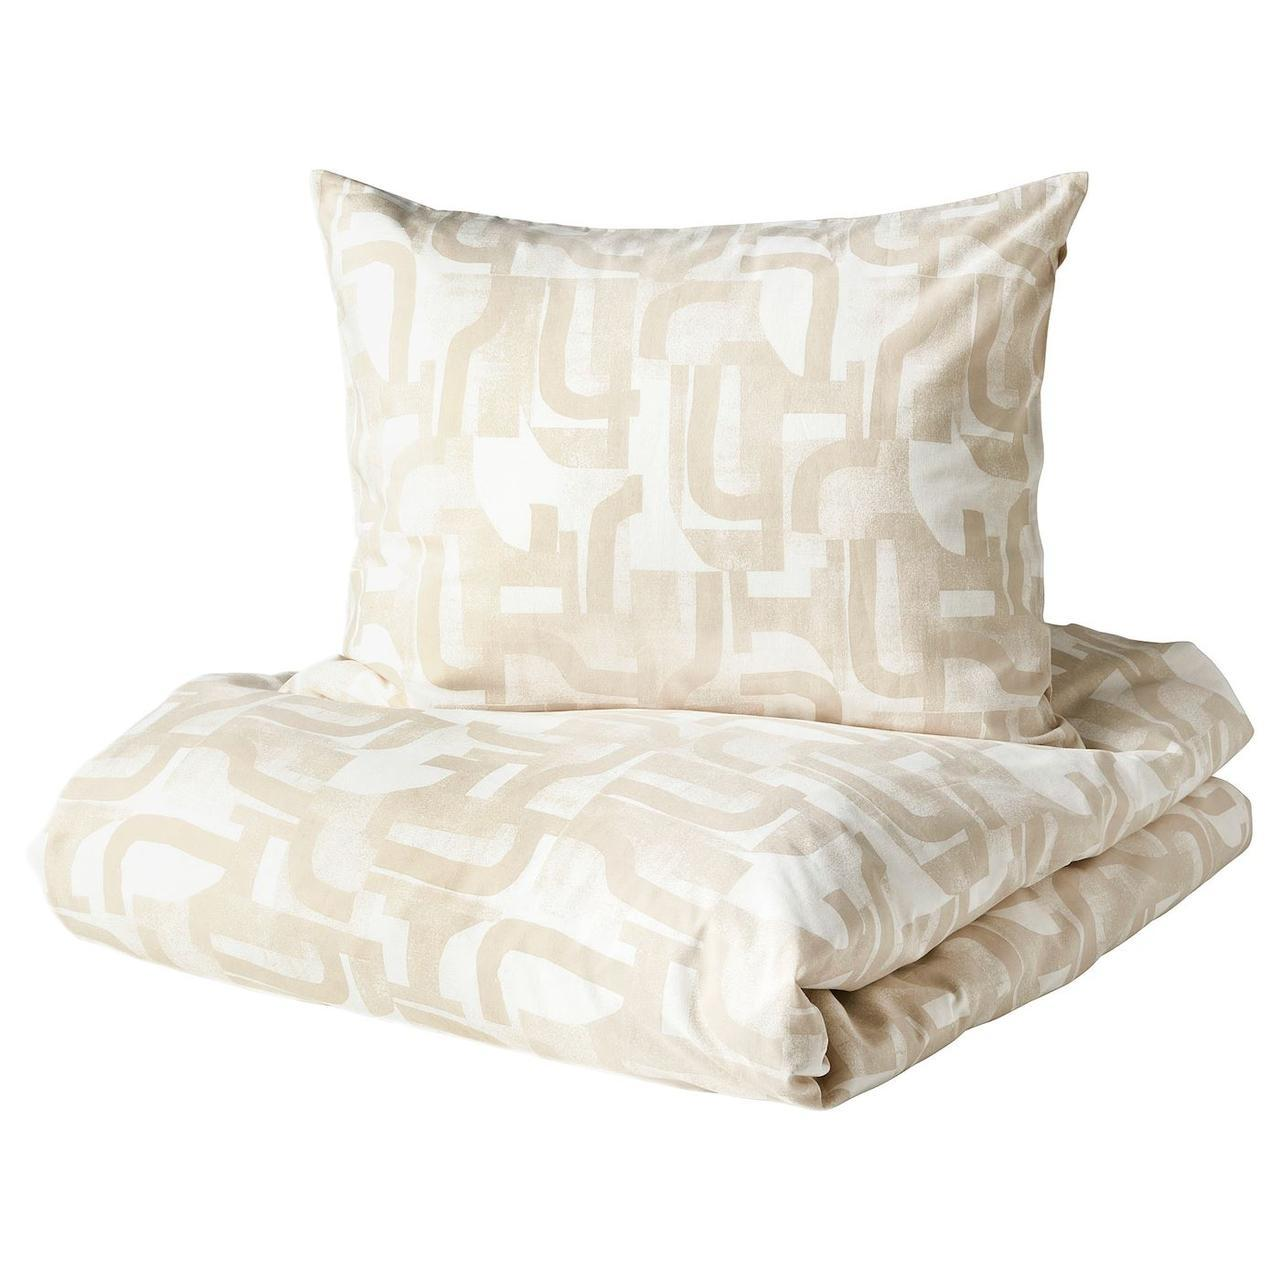 Комплект постельного белья IKEA VINTERJASMIN 150x200/50x60 см белый бежевый 804.428.53